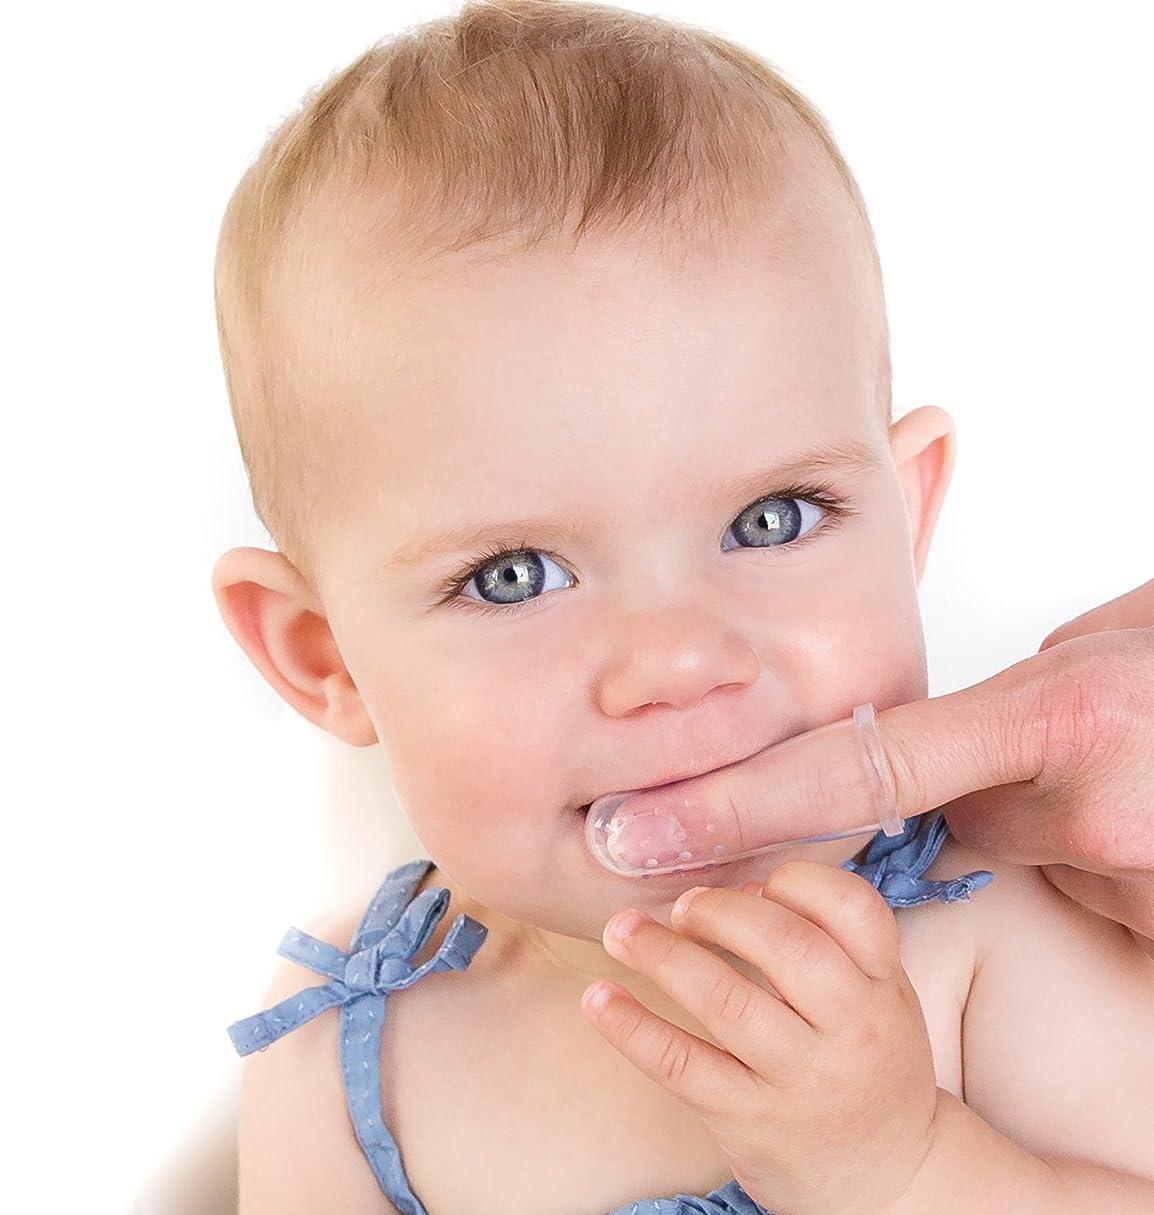 インレイスリラーコジオスコNuby 2-Packオーラルマッサージャーと歯ブラシ